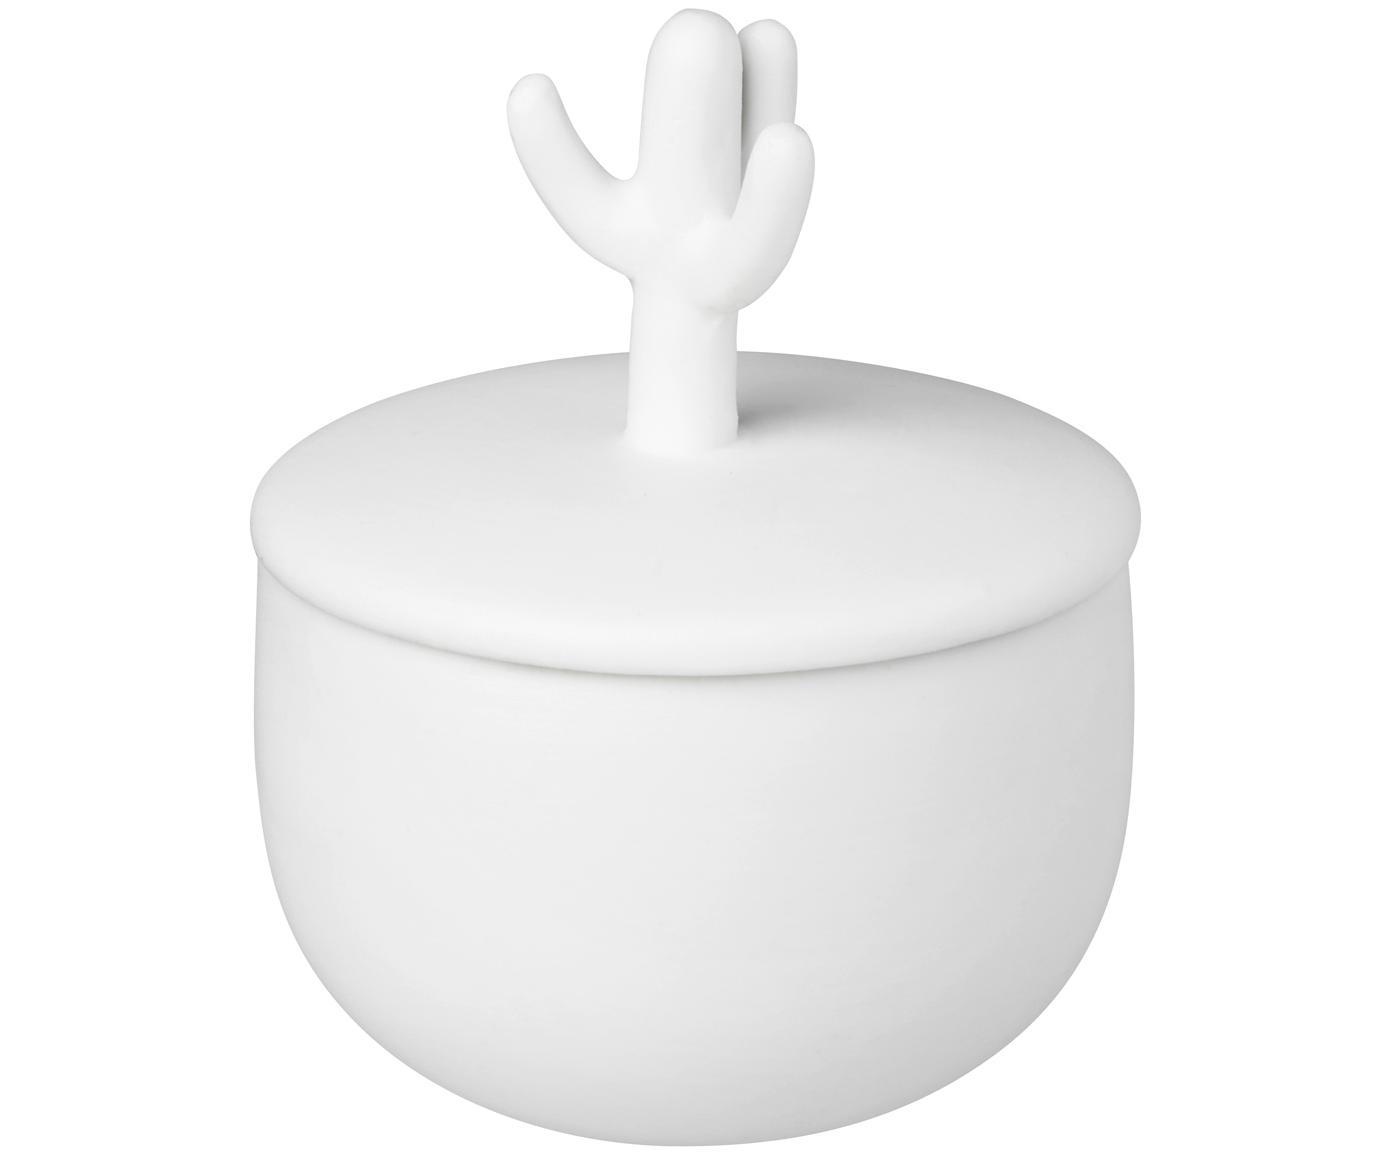 Pojemnik do przechowywania XS Kaktus, Porcelana, Biały, Ø 4 x W 6 cm